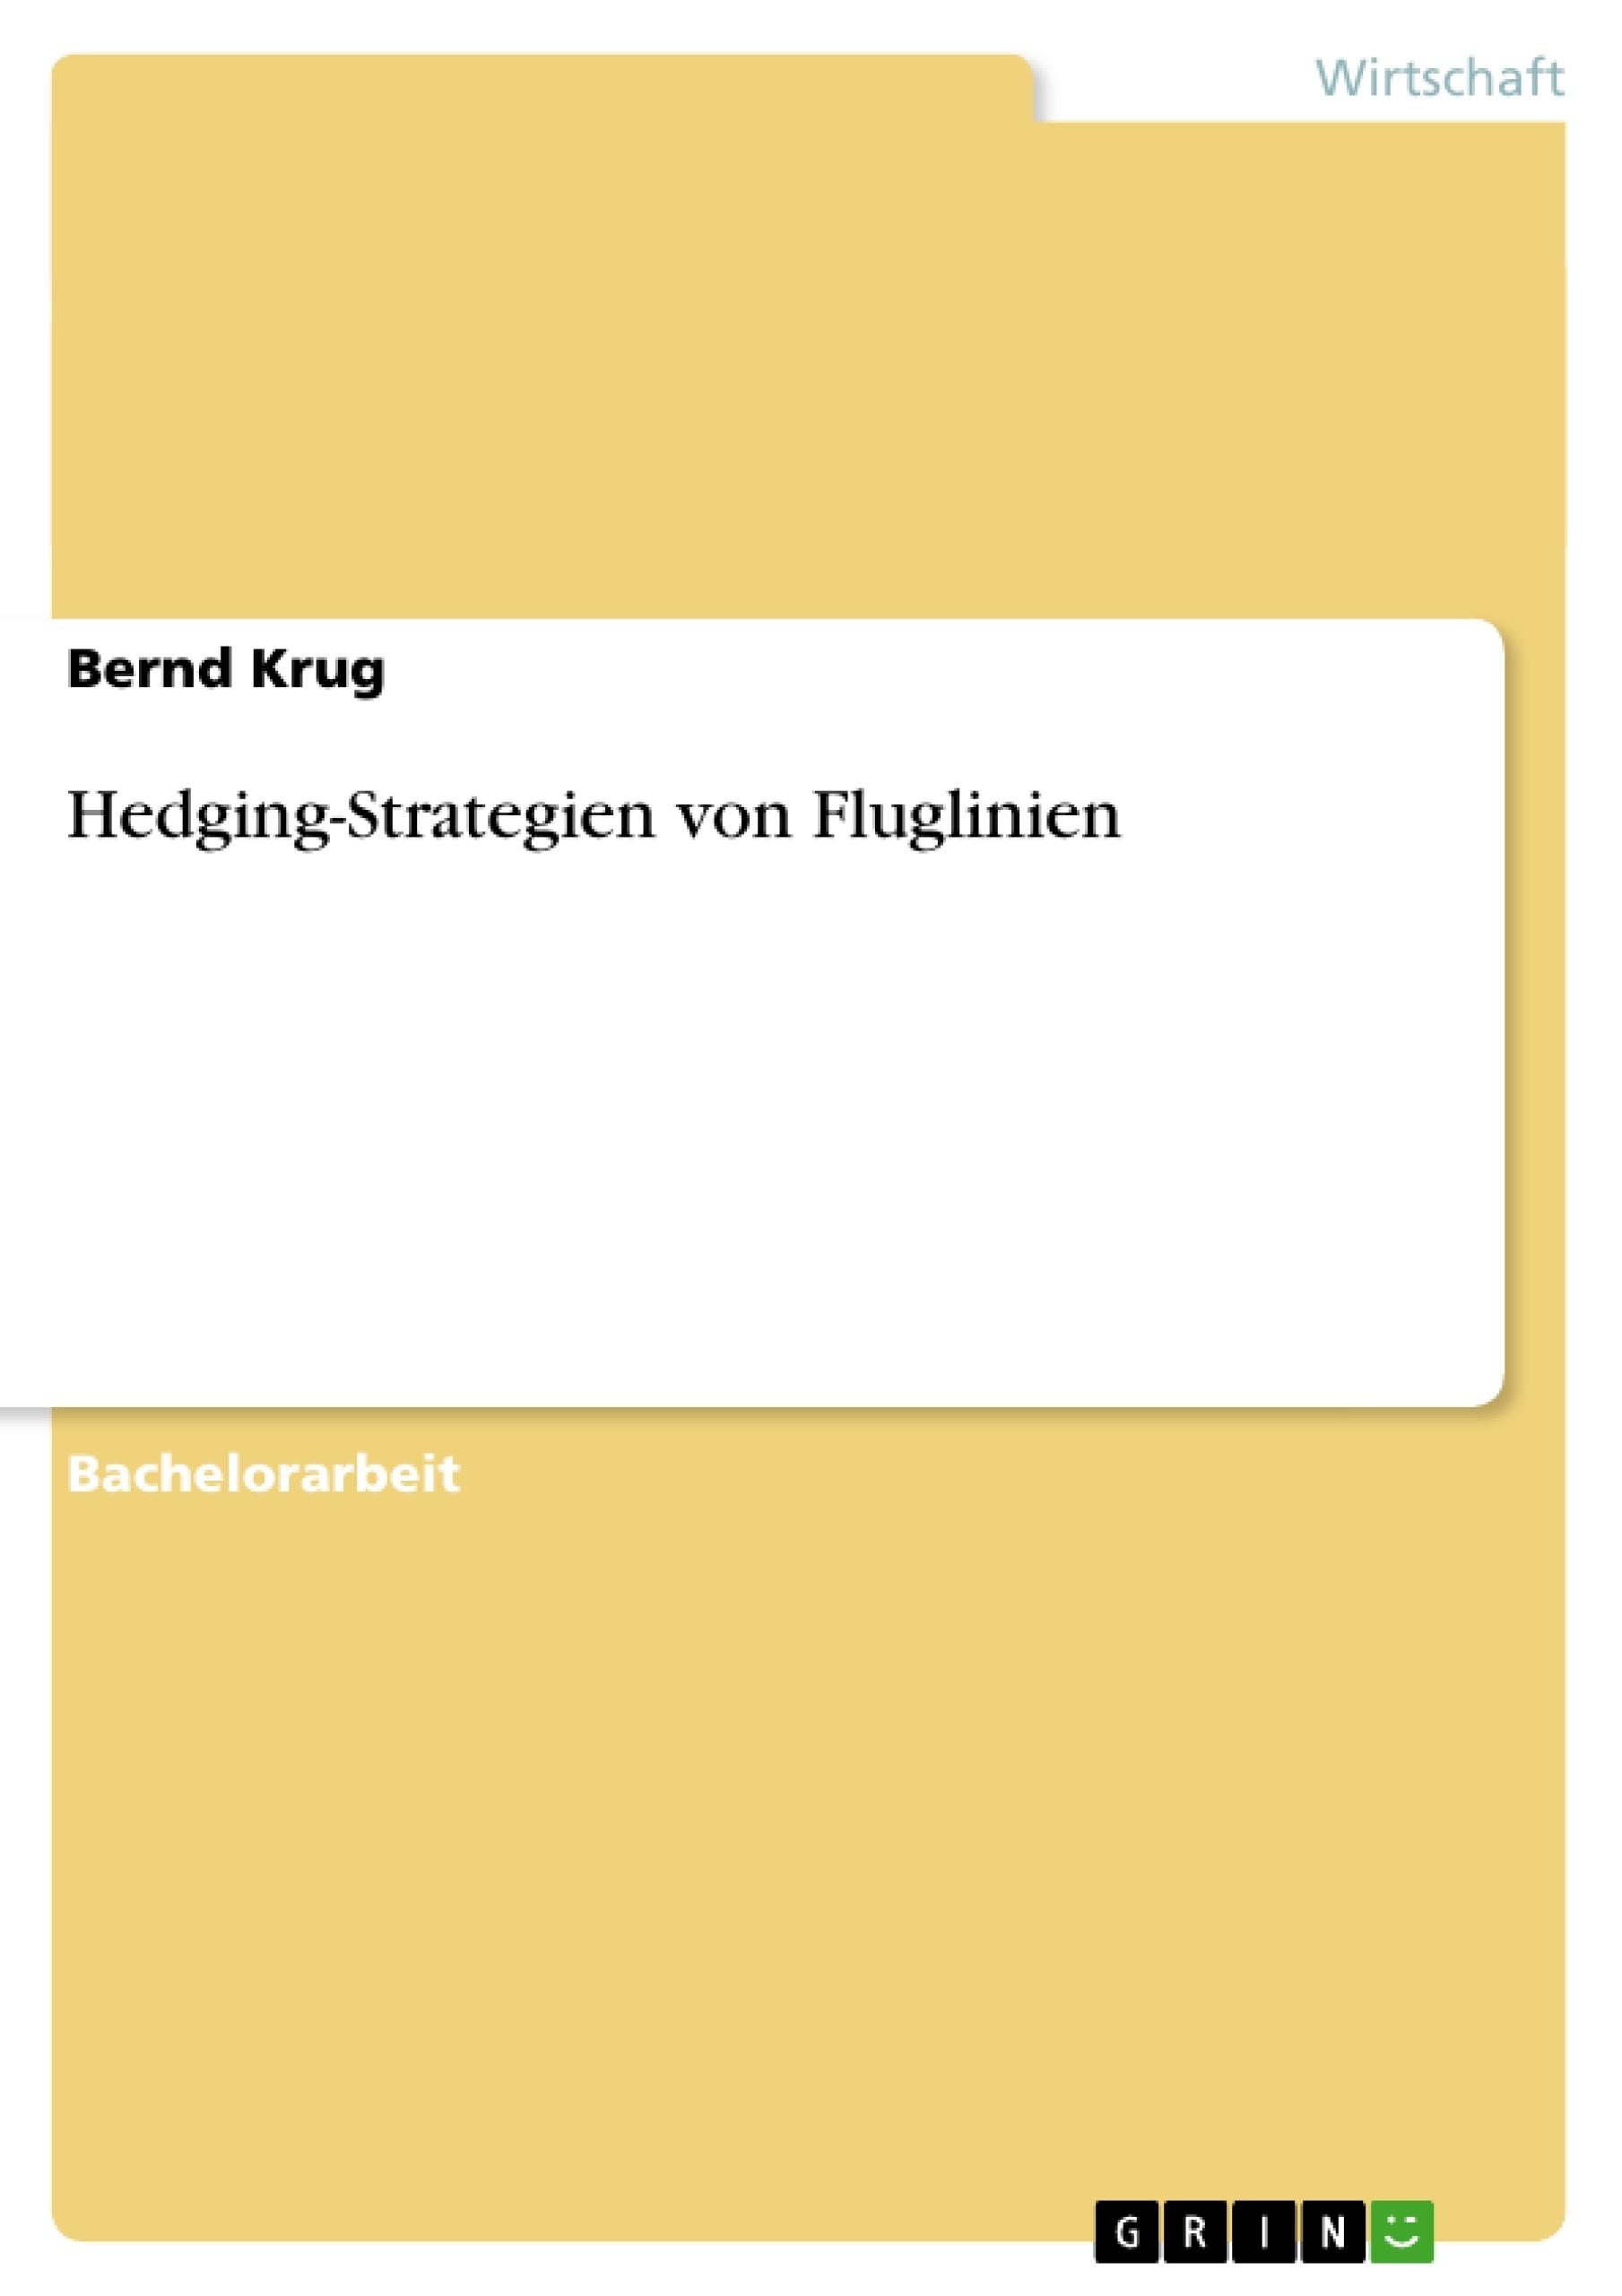 Titel: Hedging-Strategien von Fluglinien